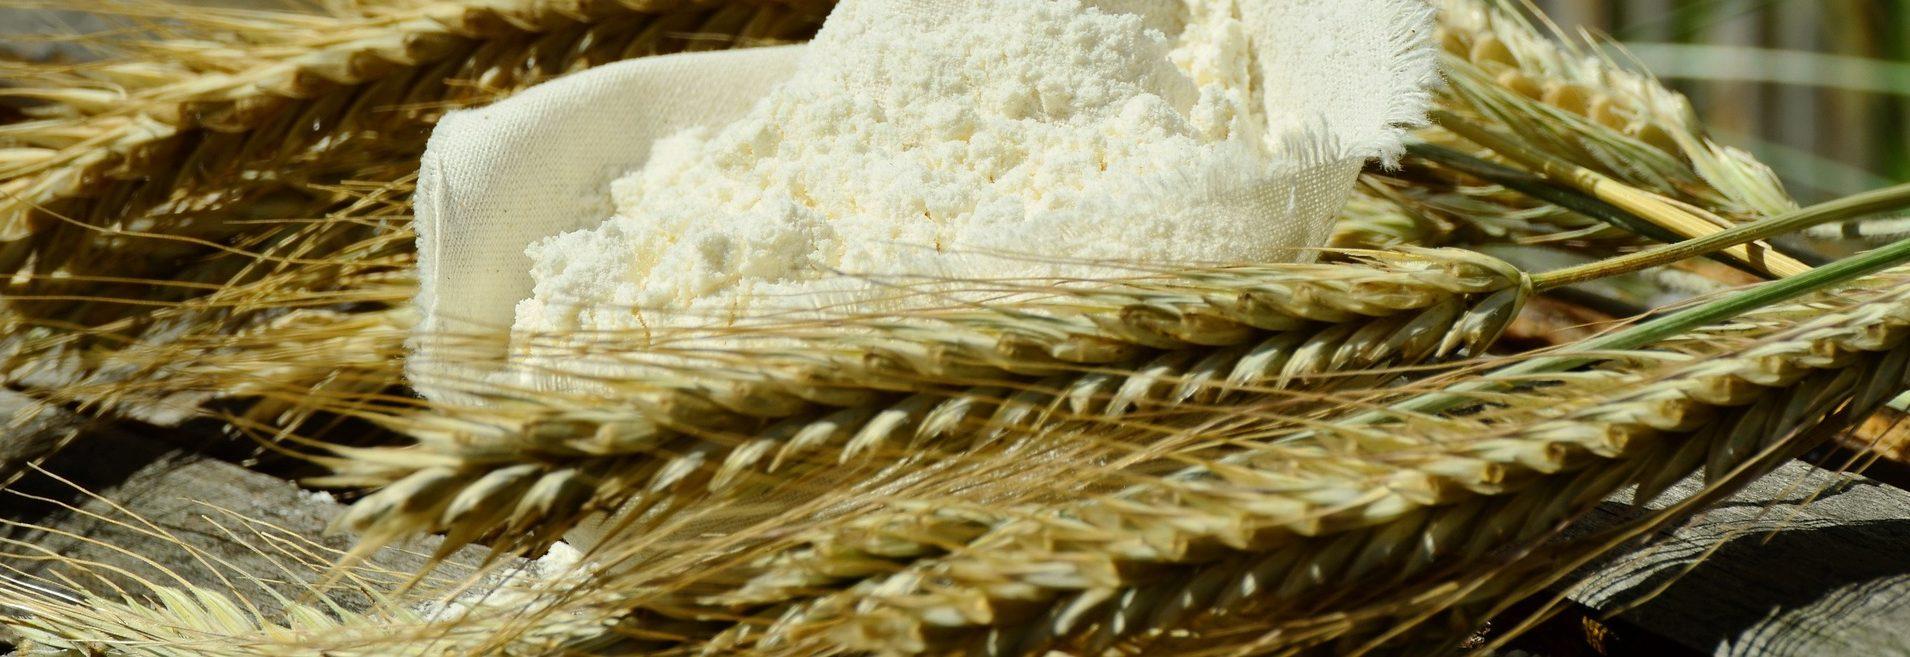 Mühle-Exkursion: Vom Korn zum Brot